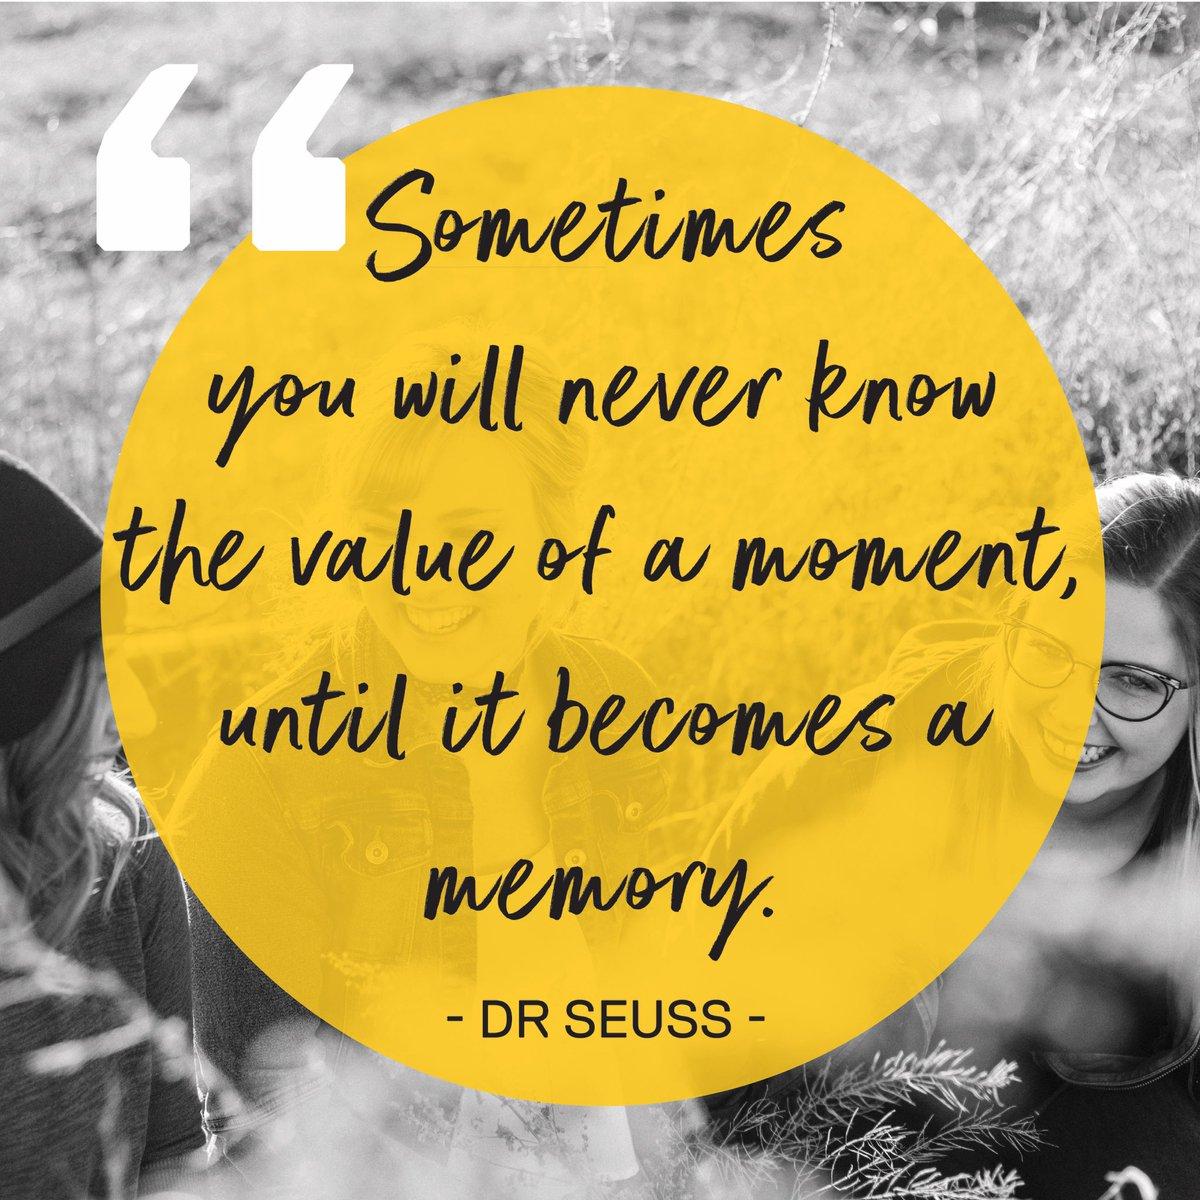 Cherishing moments.